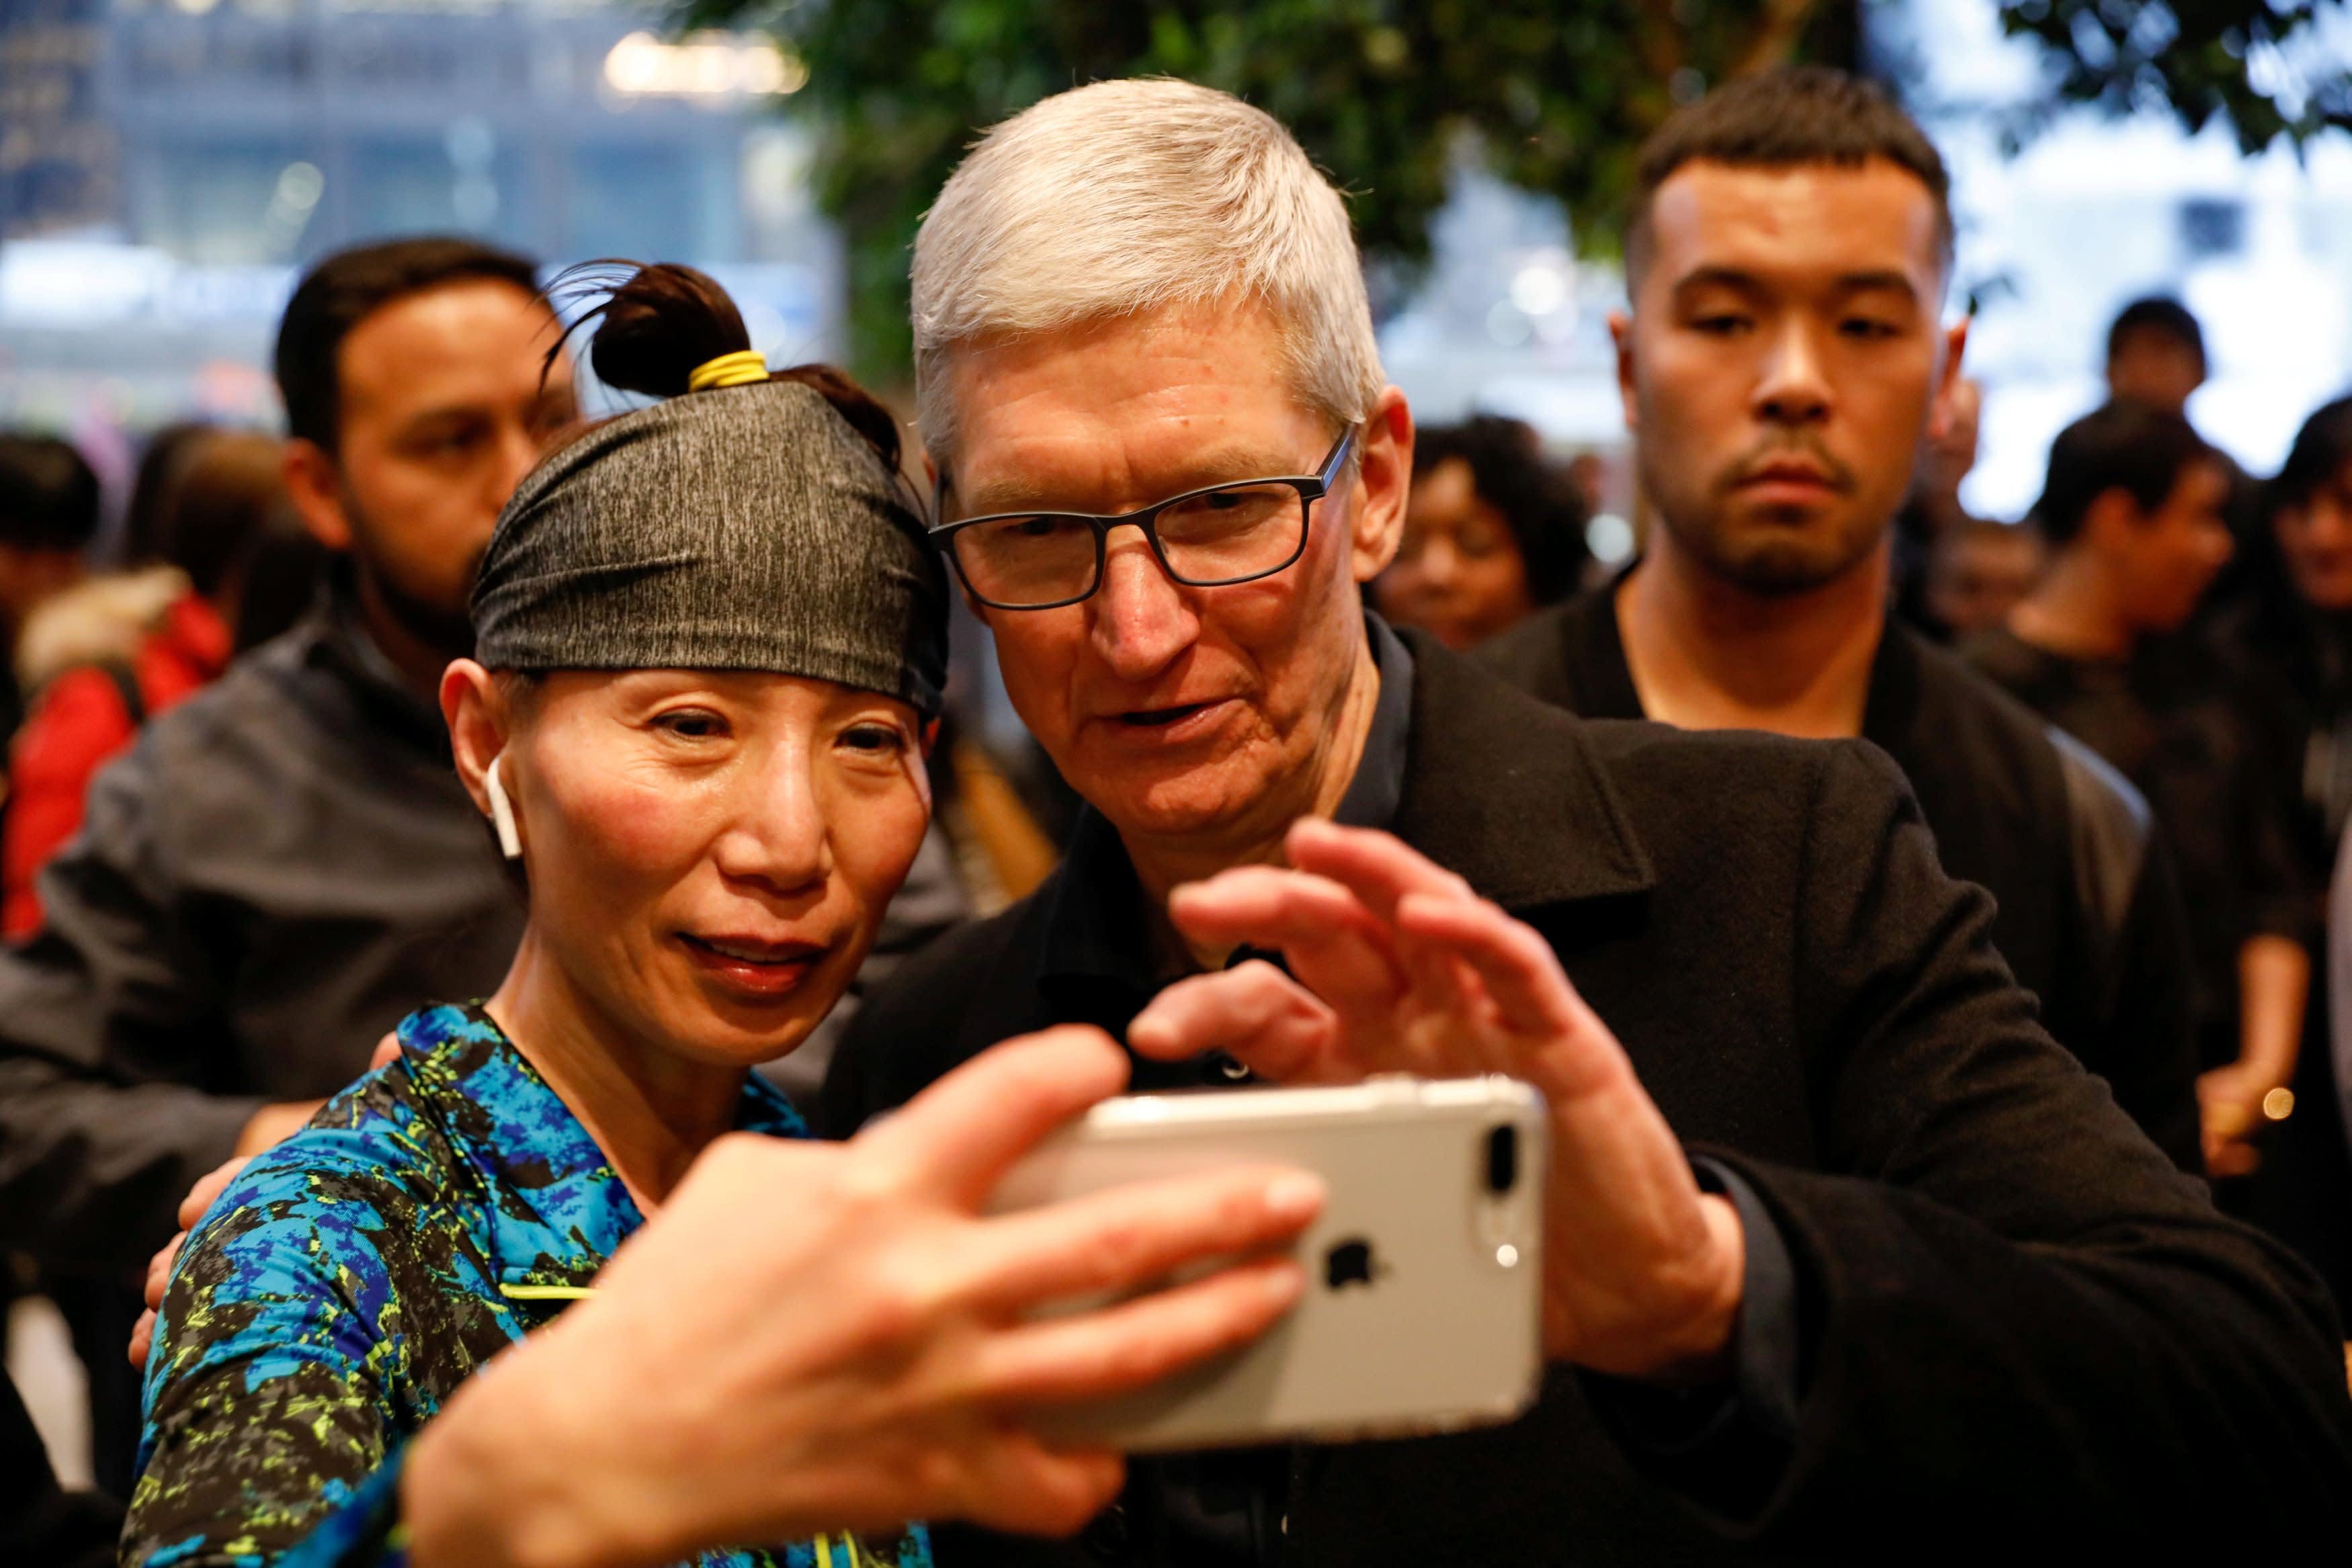 Tim Cook, CEO da Apple, tira uma selfie com um cliente e seu iPhone enquanto visita a Apple Store em Chicago, Illinois, EUA, em 27 de março de 2018. REUTERS / John Gress